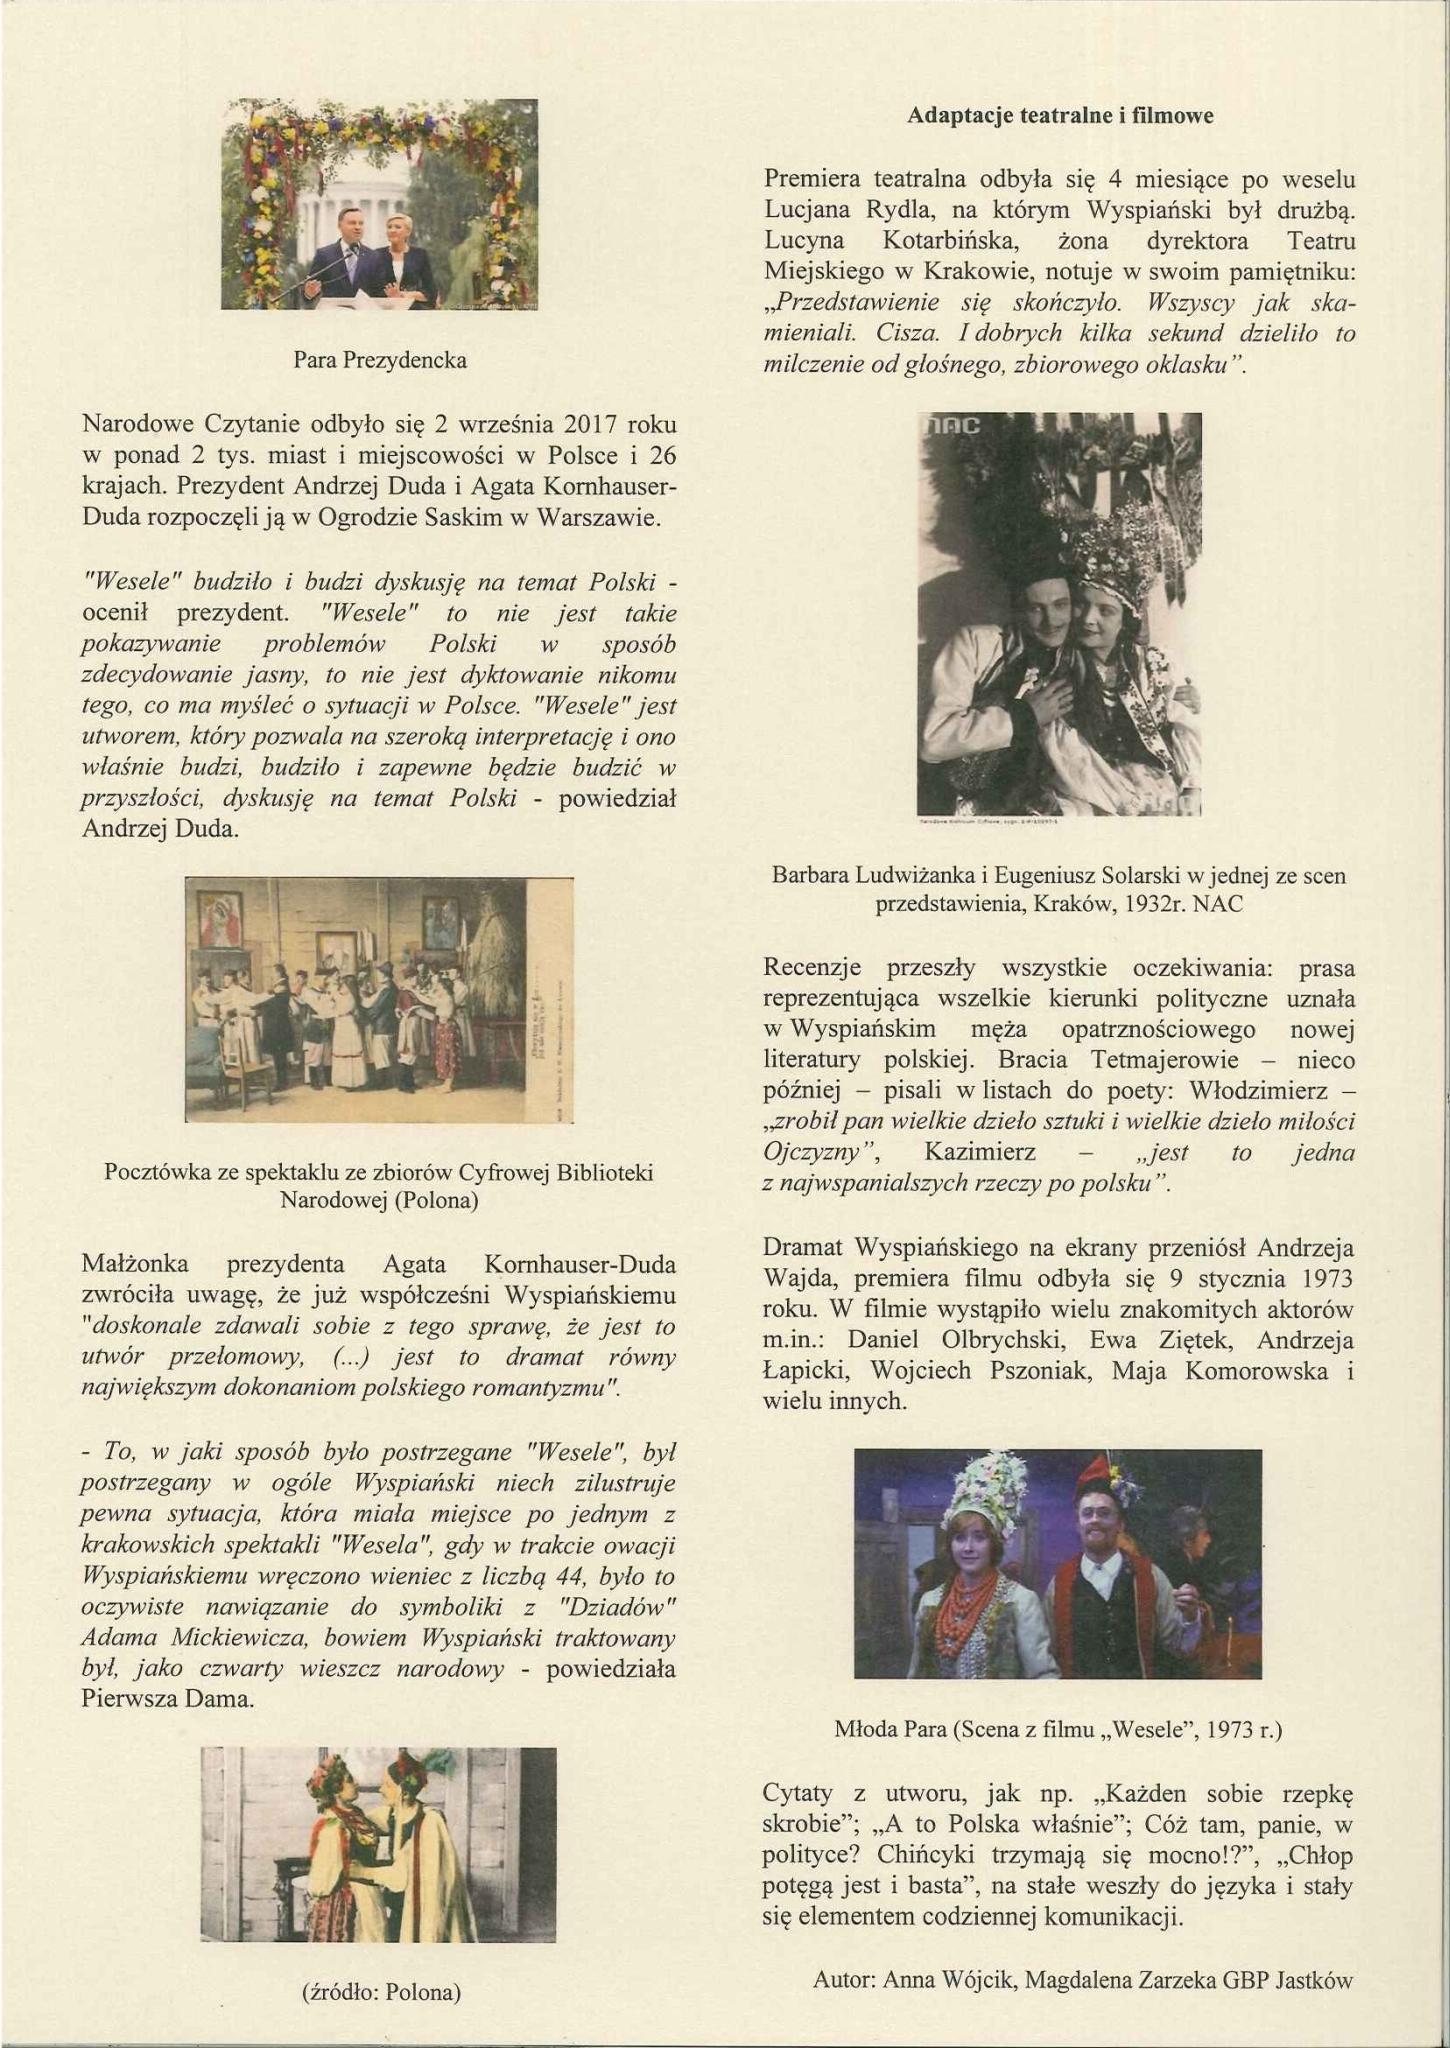 Iii Jastkowskie Czytanie Stanisław Wyspiański Wesele